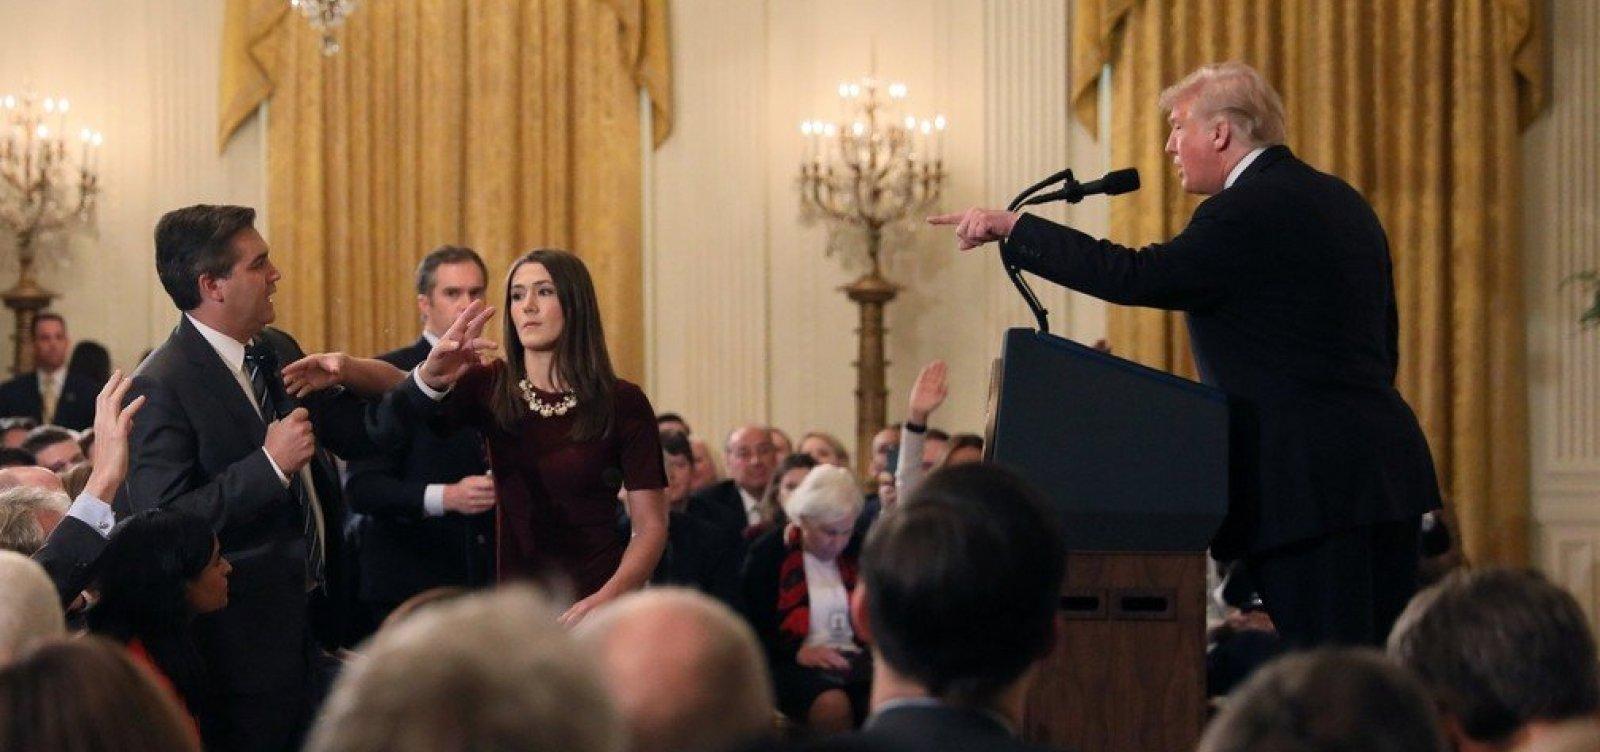 Após discussão com Trump, jornalista da CNN tem credencial suspensa pela Casa Branca